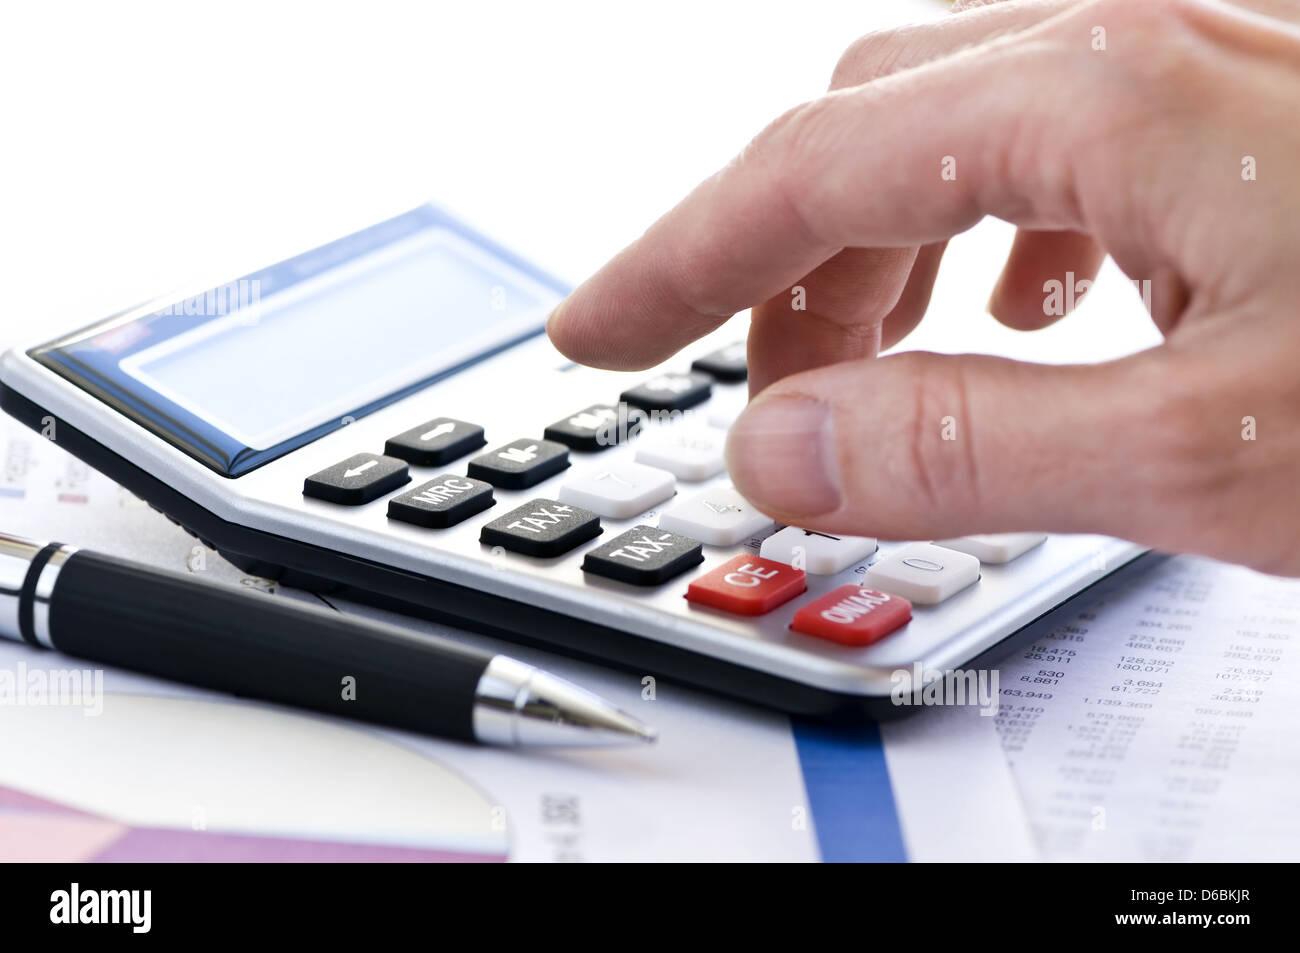 rechner berechnen berechnung kalkulation stockfoto bild 55575935 alamy. Black Bedroom Furniture Sets. Home Design Ideas